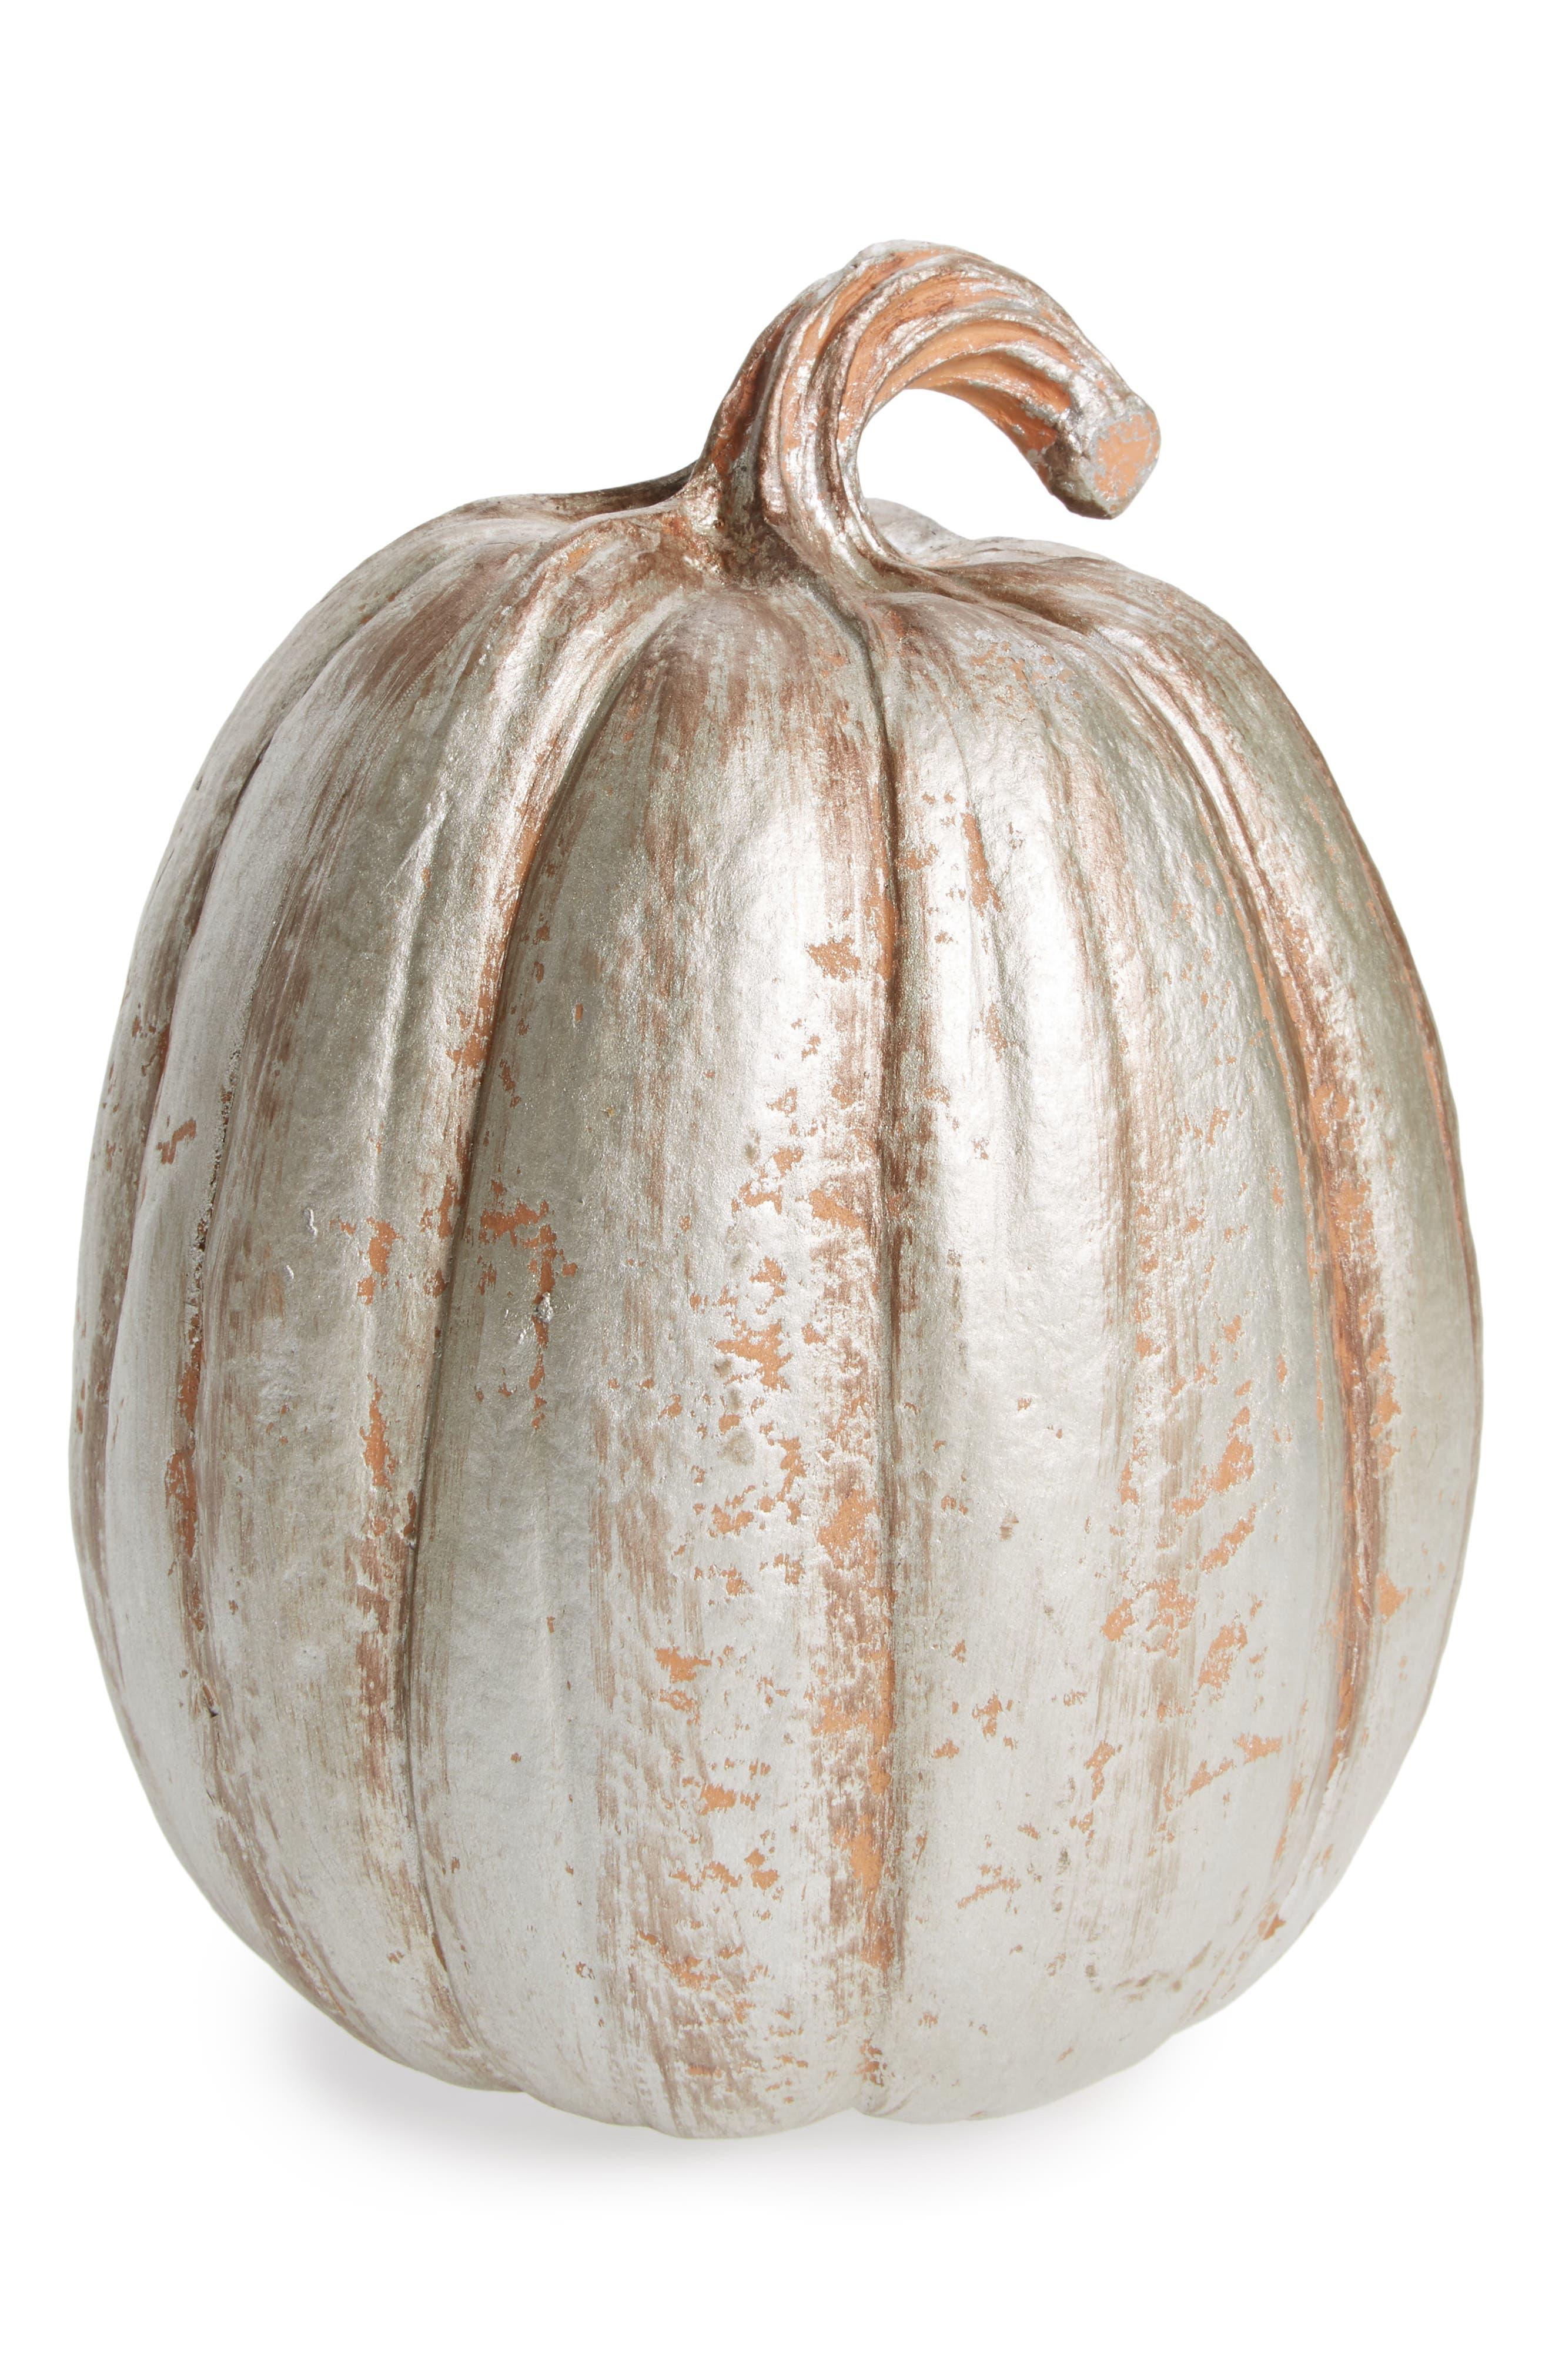 Midwest-CBK Metallic Pumpkin